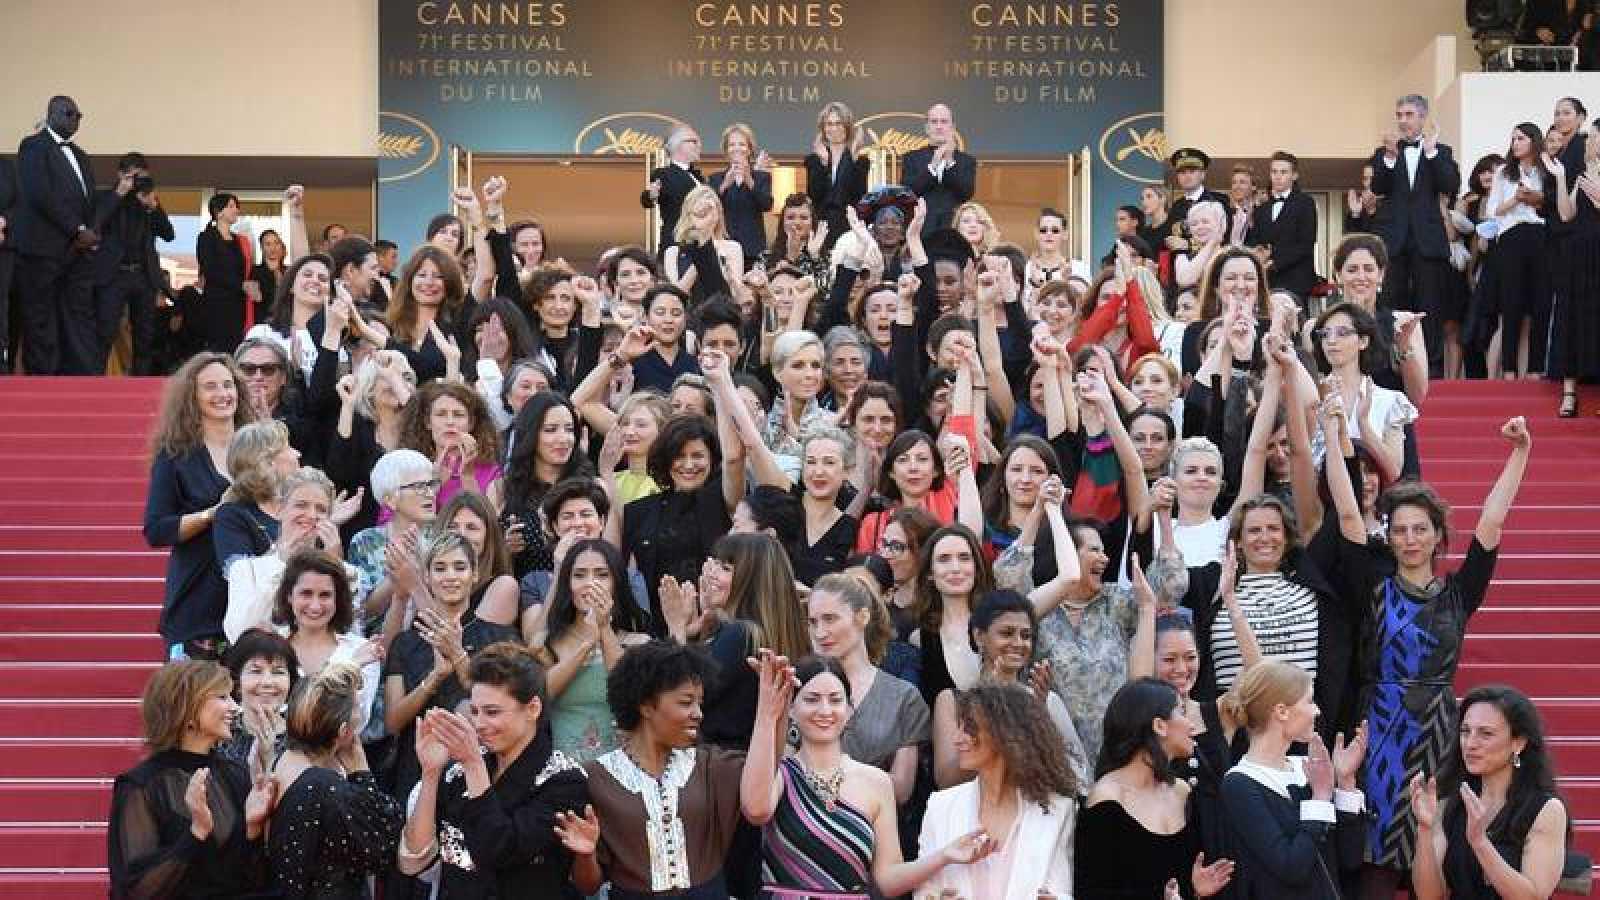 Más de 100 mujeres claman por la igualdad salarial en el Festival de Cannes